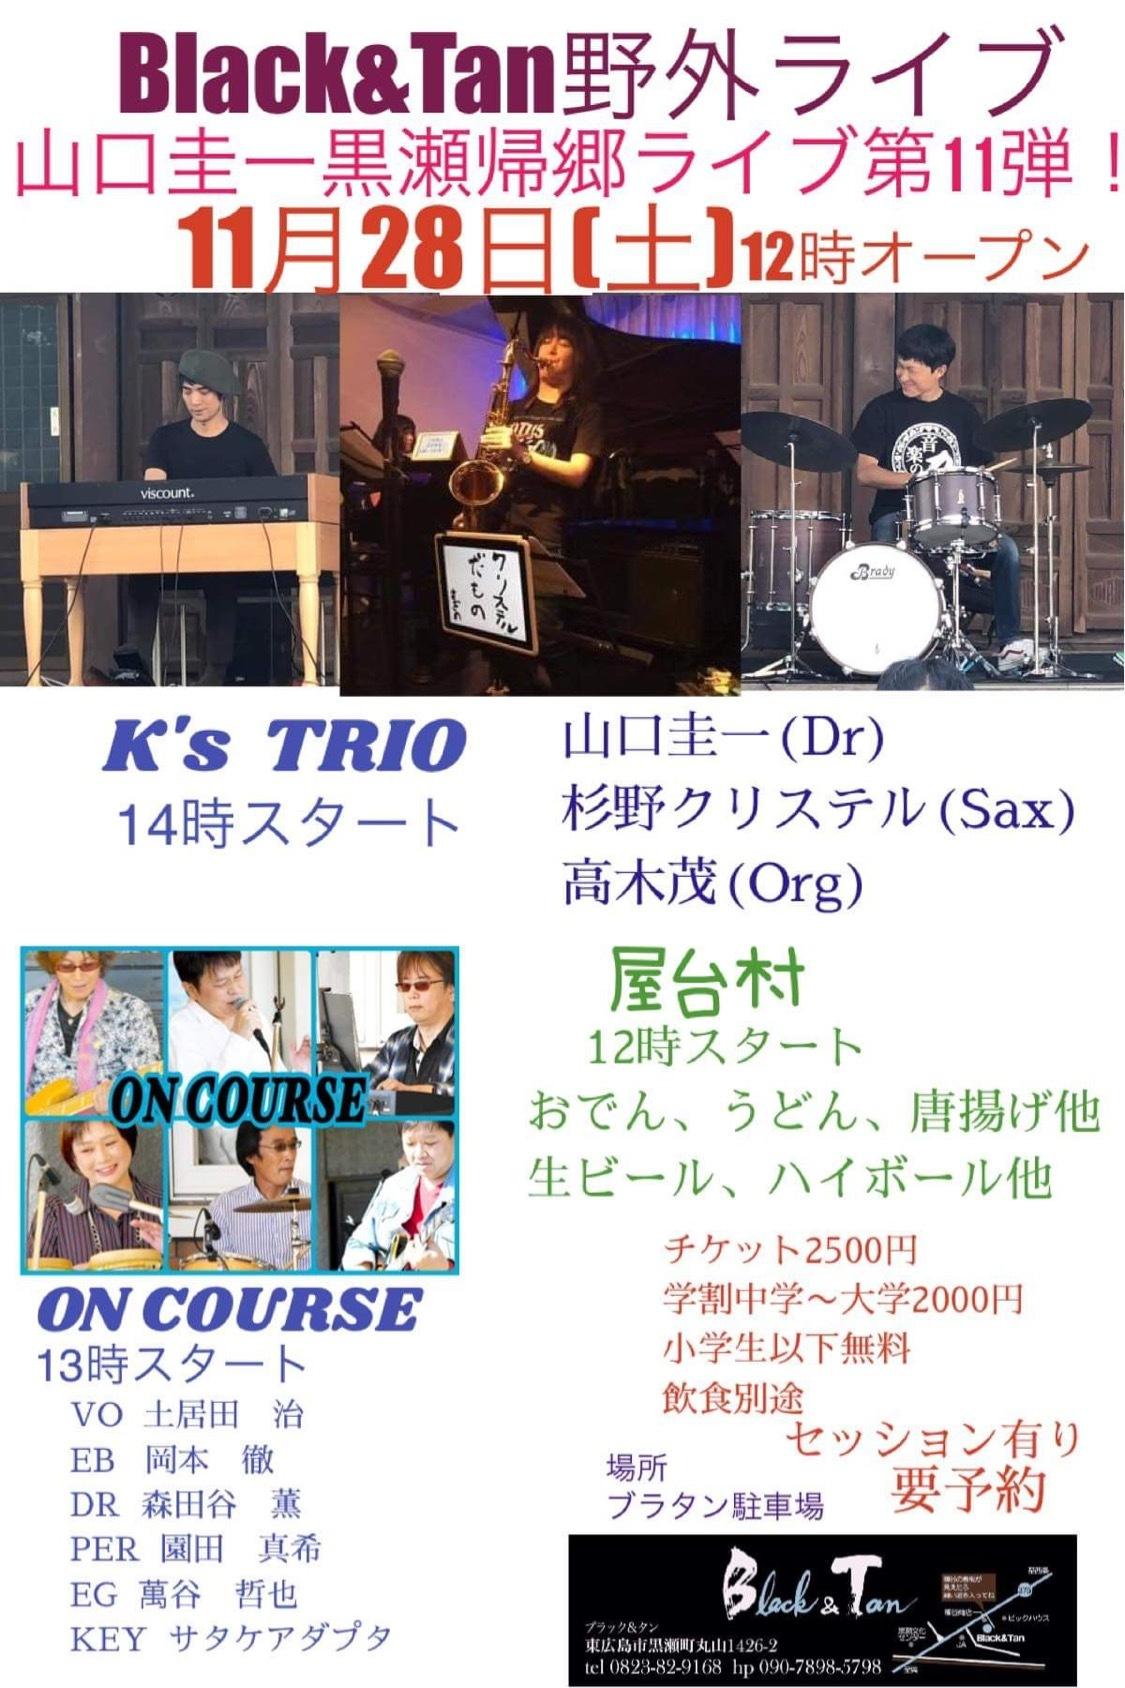 広島 ジャズライブカミンJazzlive Comin 本日11月27日はおやすみです。_b0115606_10463386.jpeg